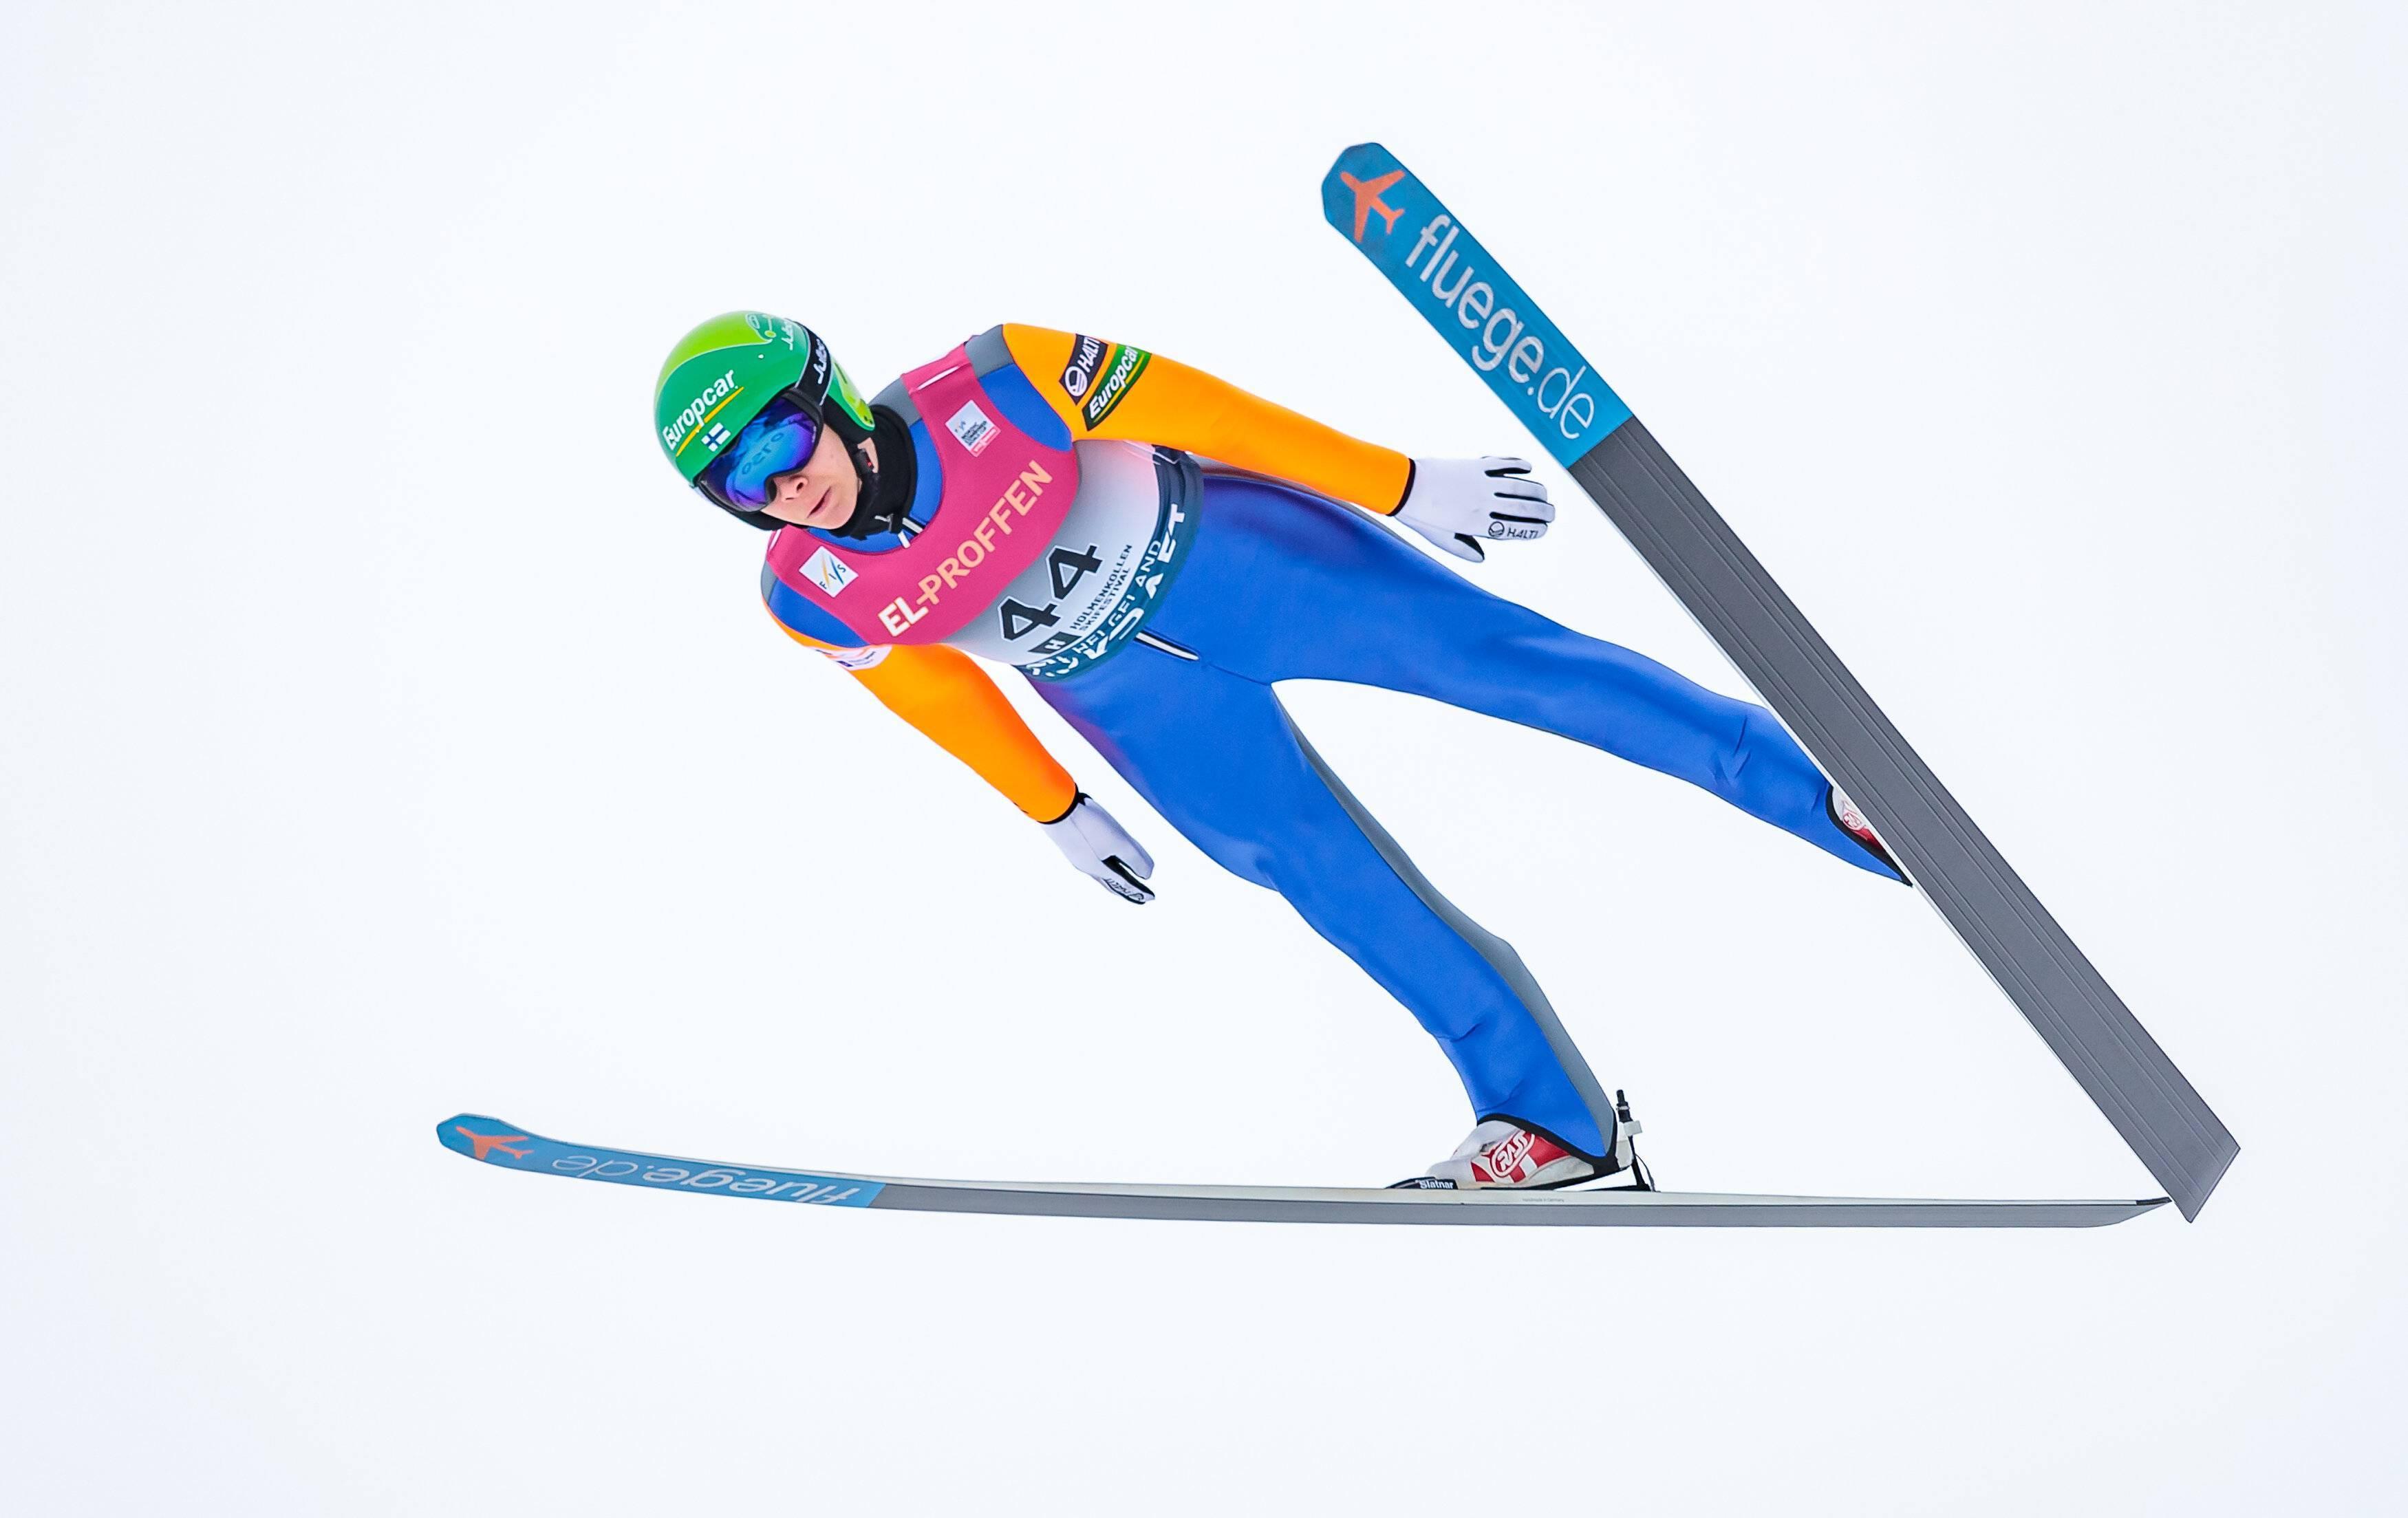 vm skidor